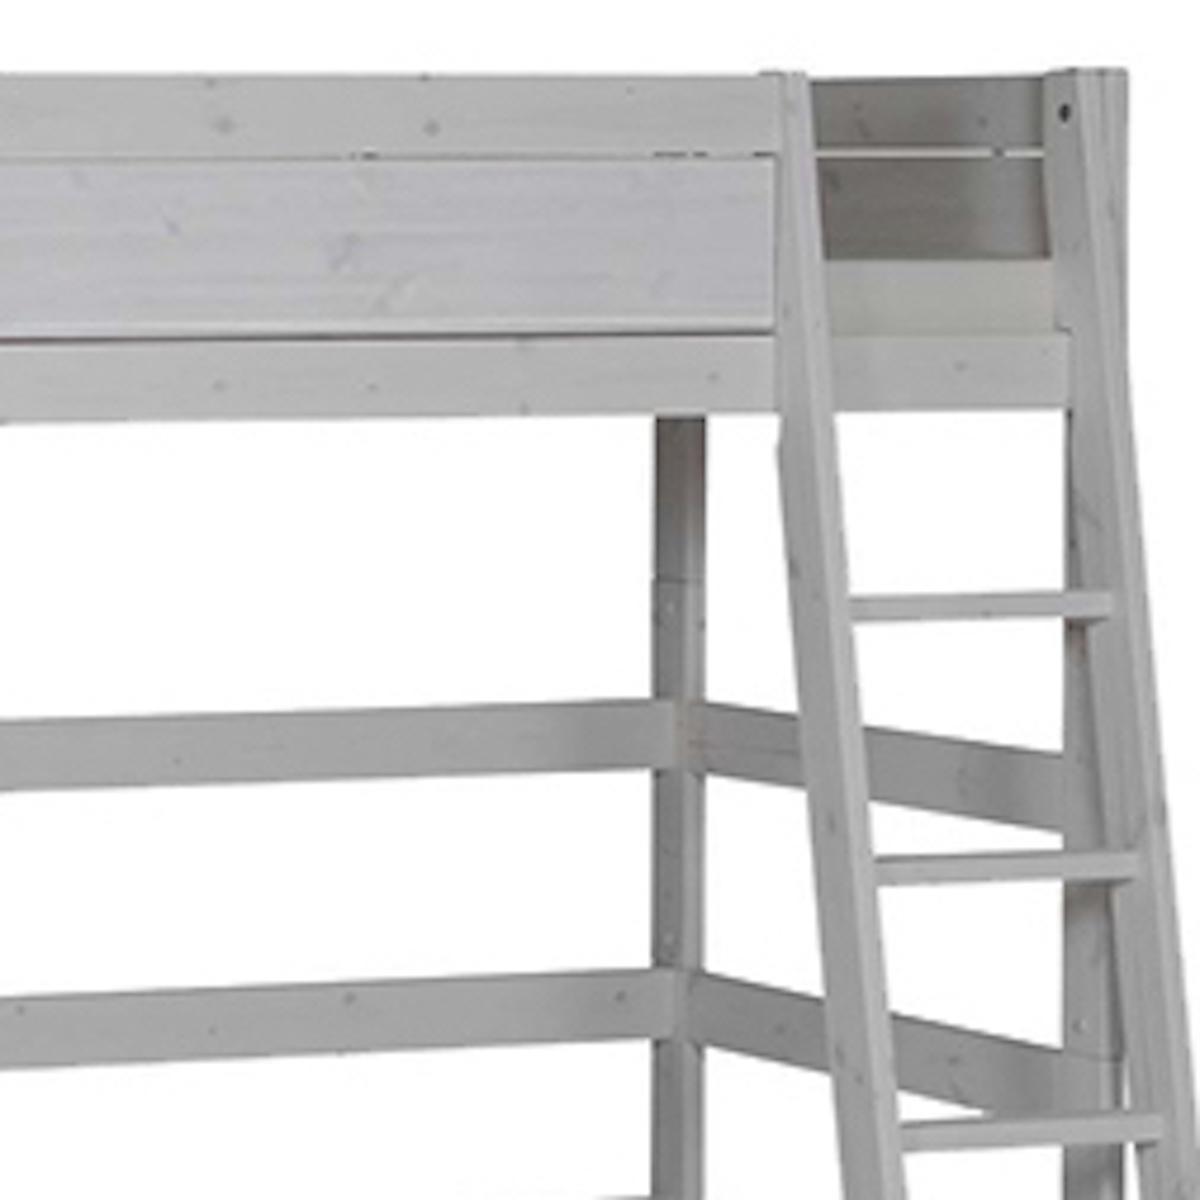 Cama alta 90x200cm escalera inclinada Lifetime gris